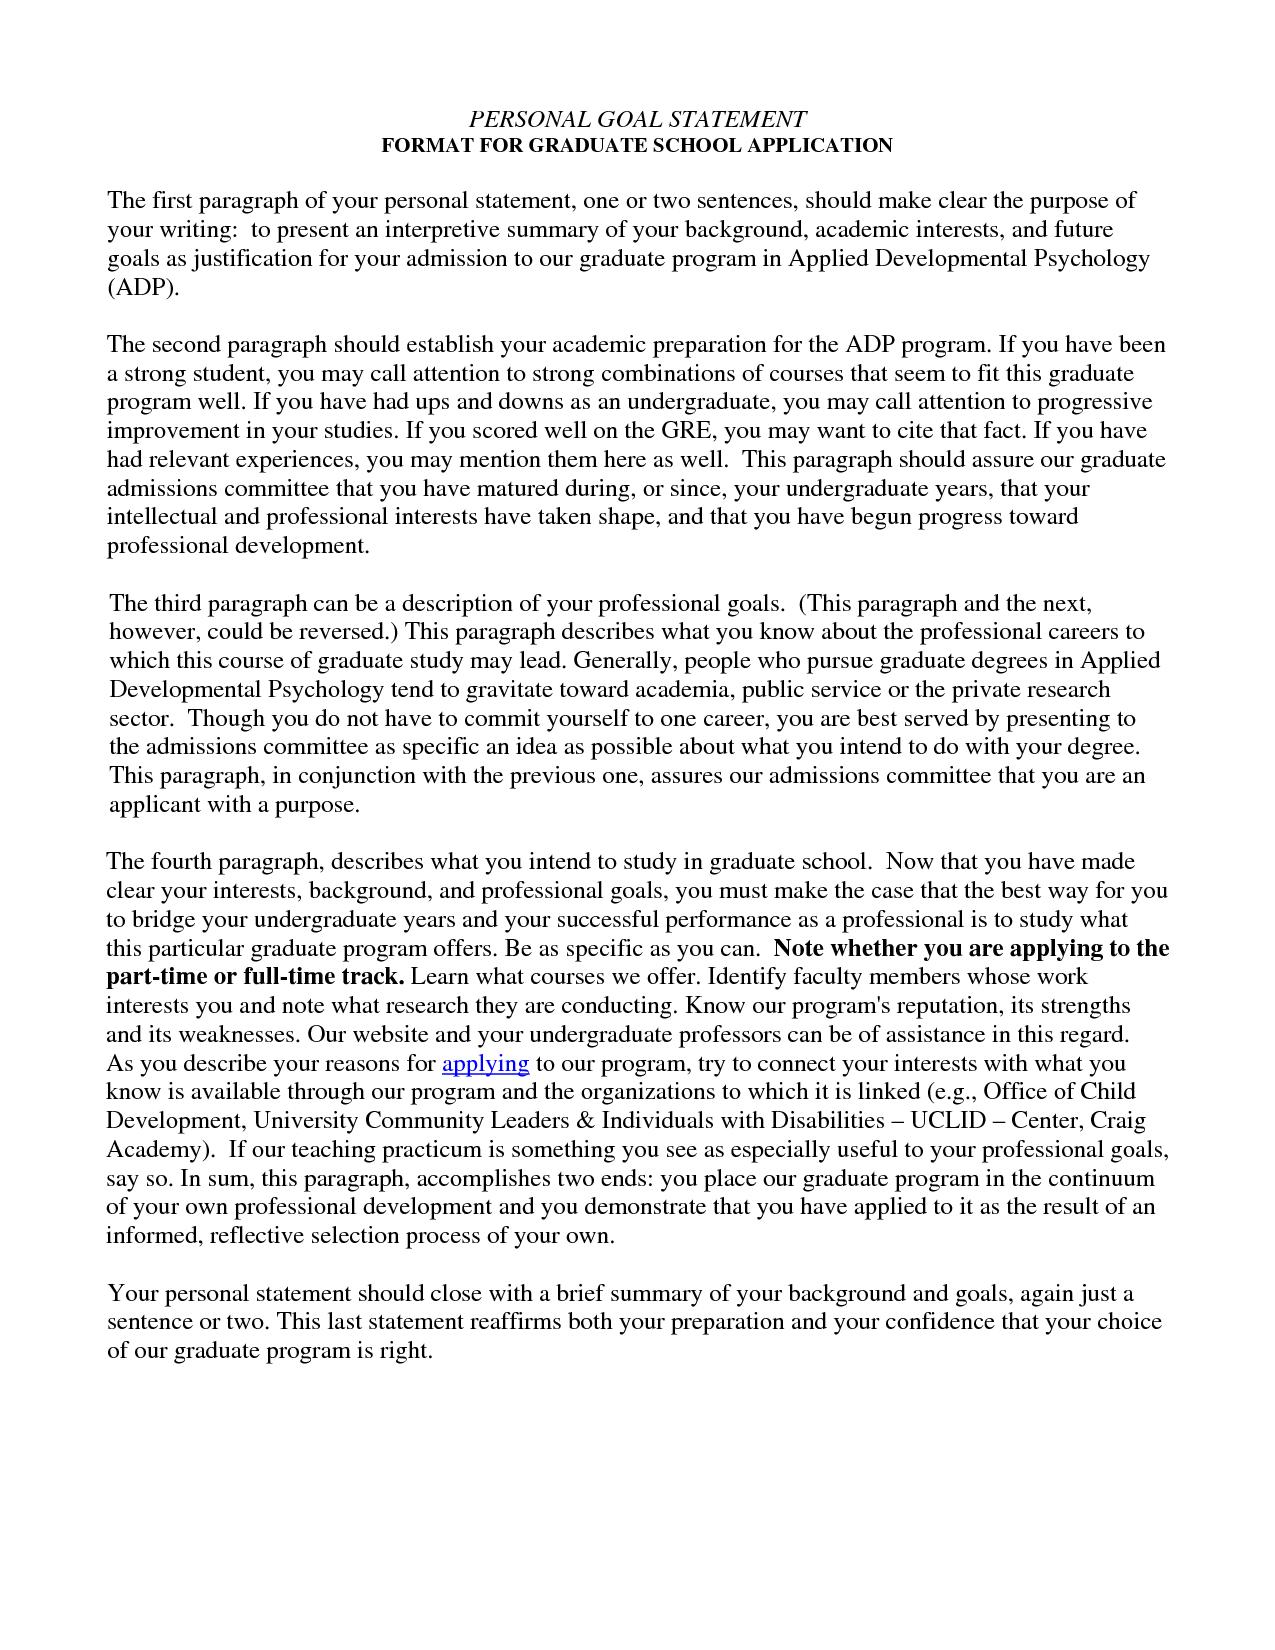 Etonnant Grad School Personal Statement